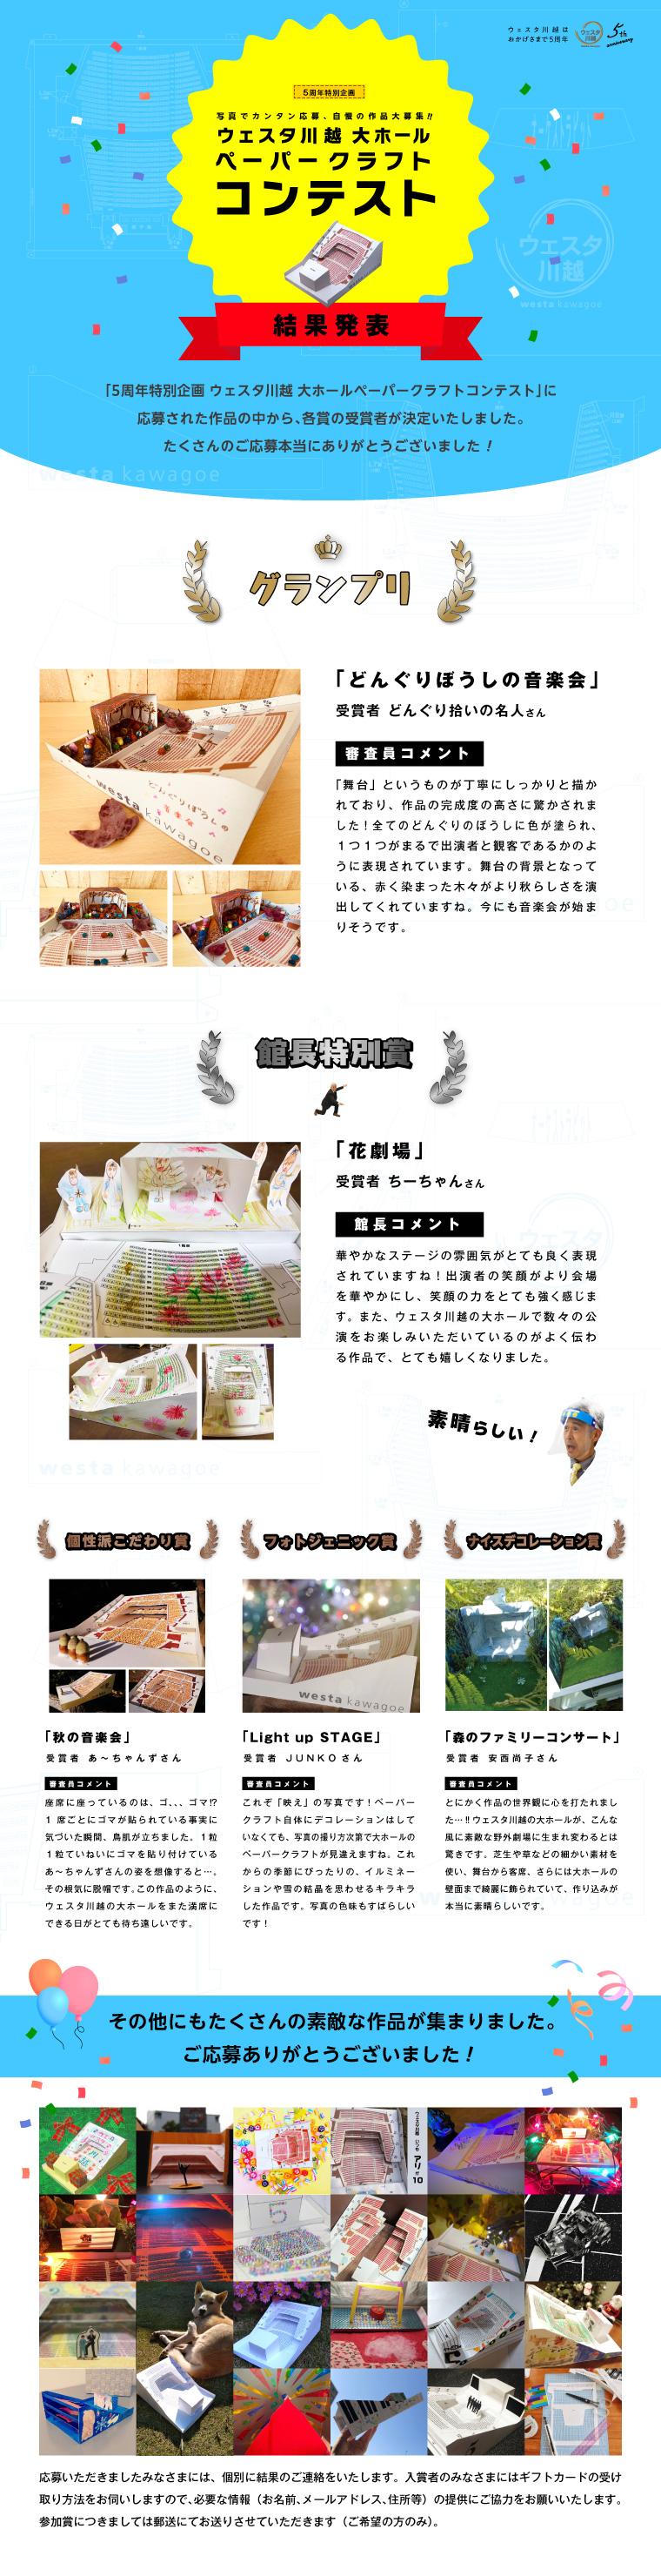 ウェスタ川越大ホール ペーパークラフトコンテスト結果発表